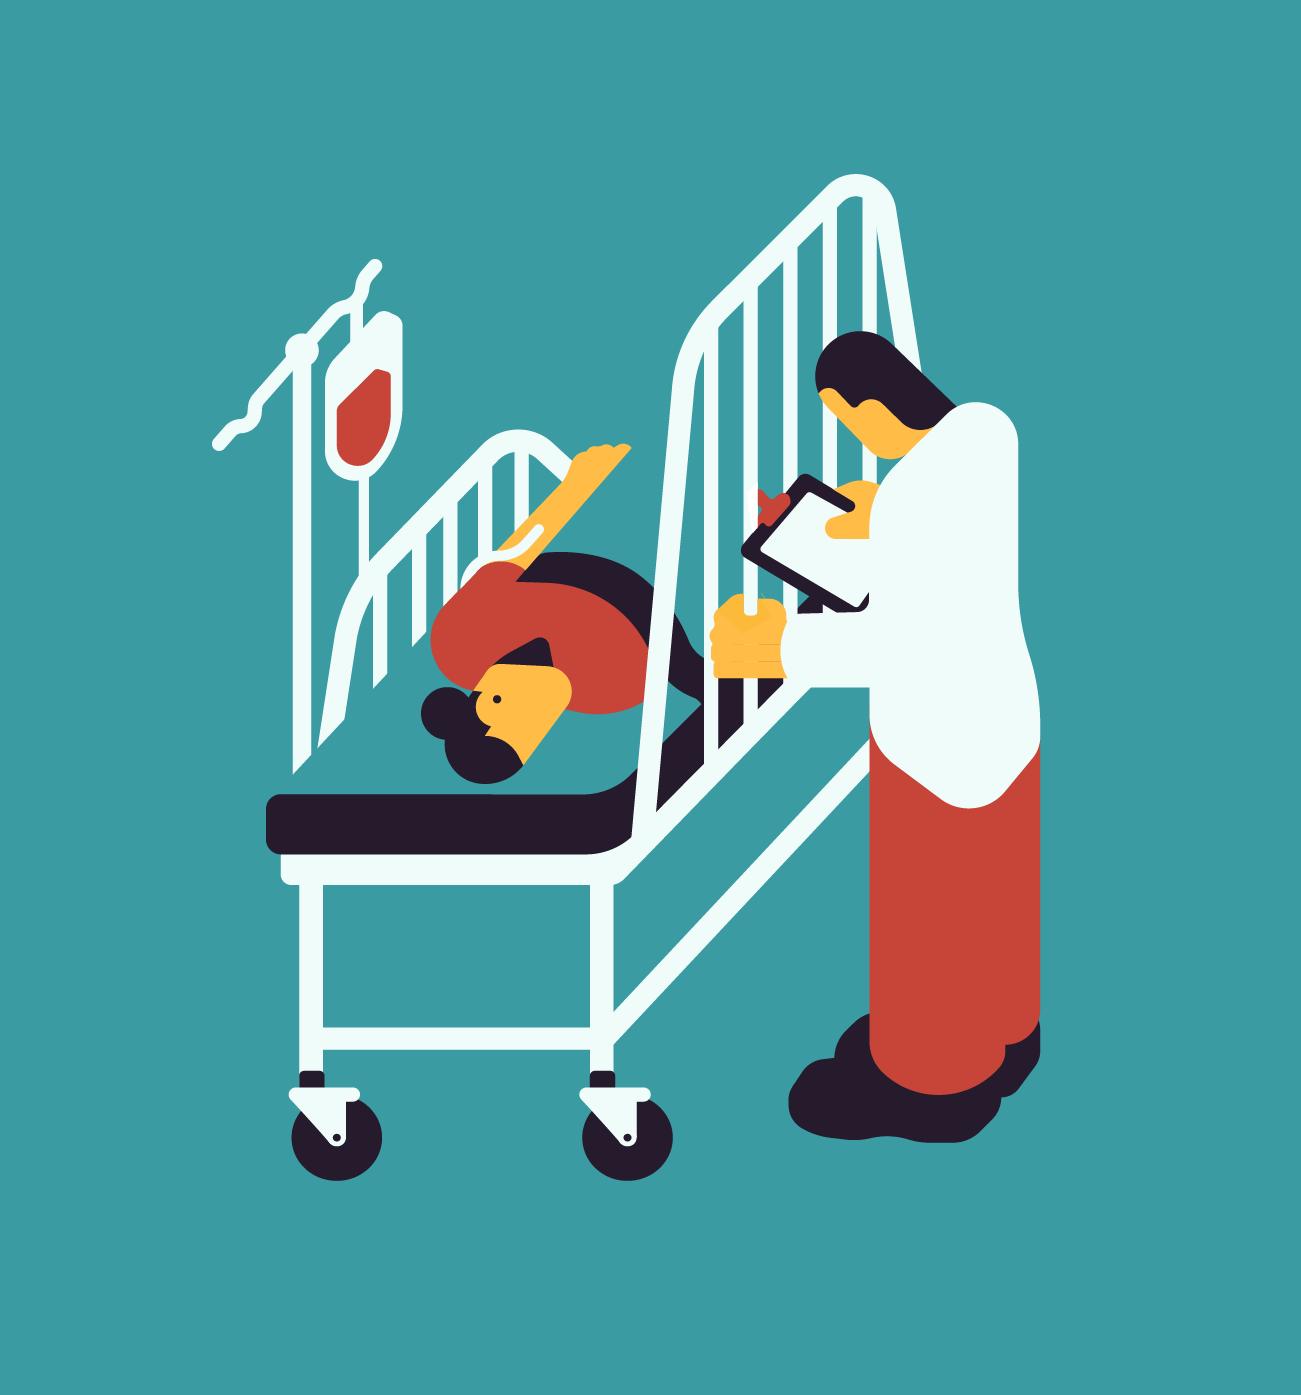 Healthcare hurdles. Brink